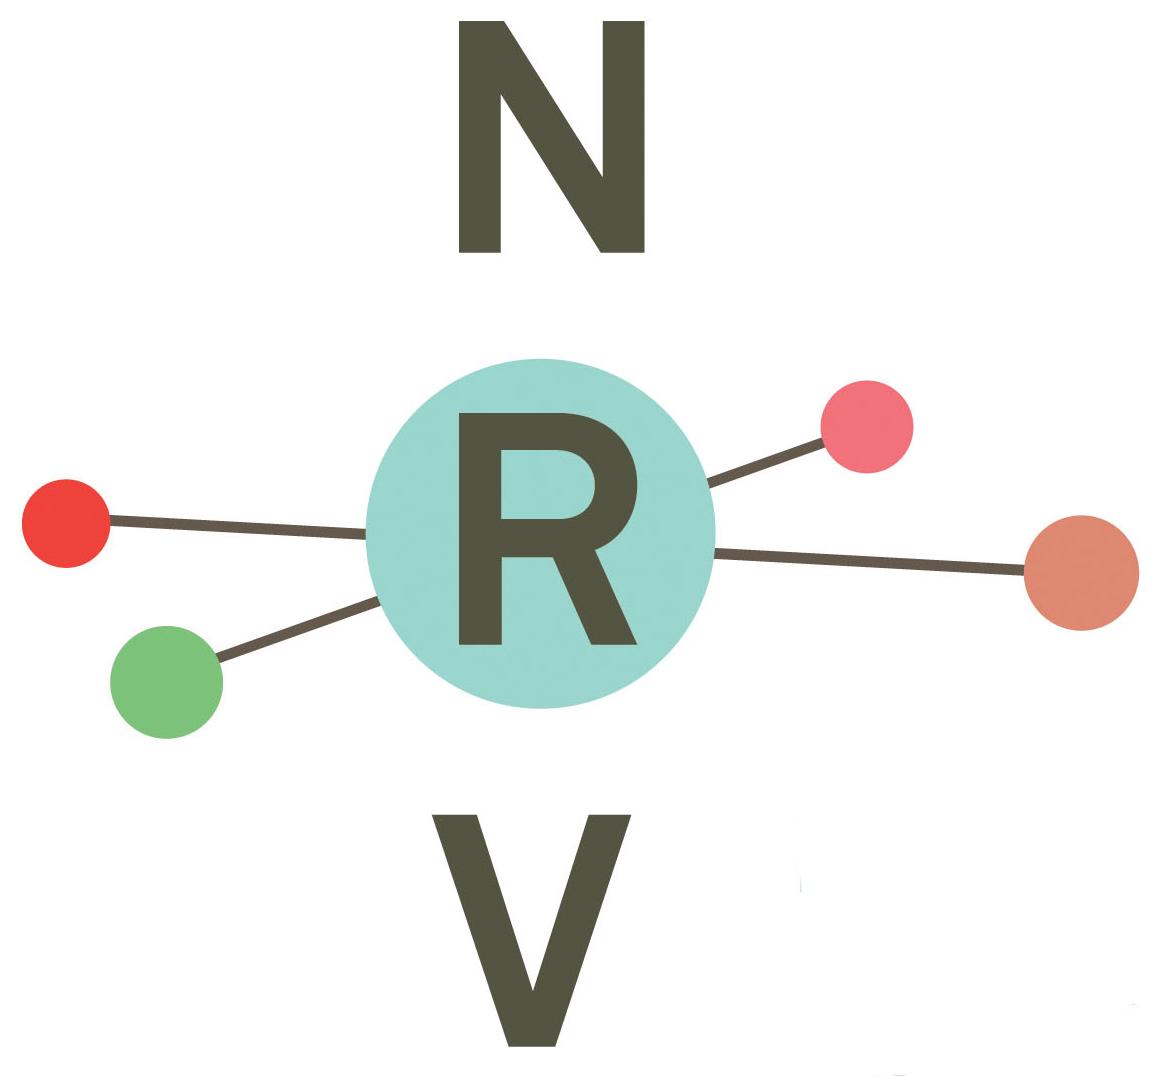 Ga naar startpagina Netwerk rechtvaardigheid en vrede (NRV)